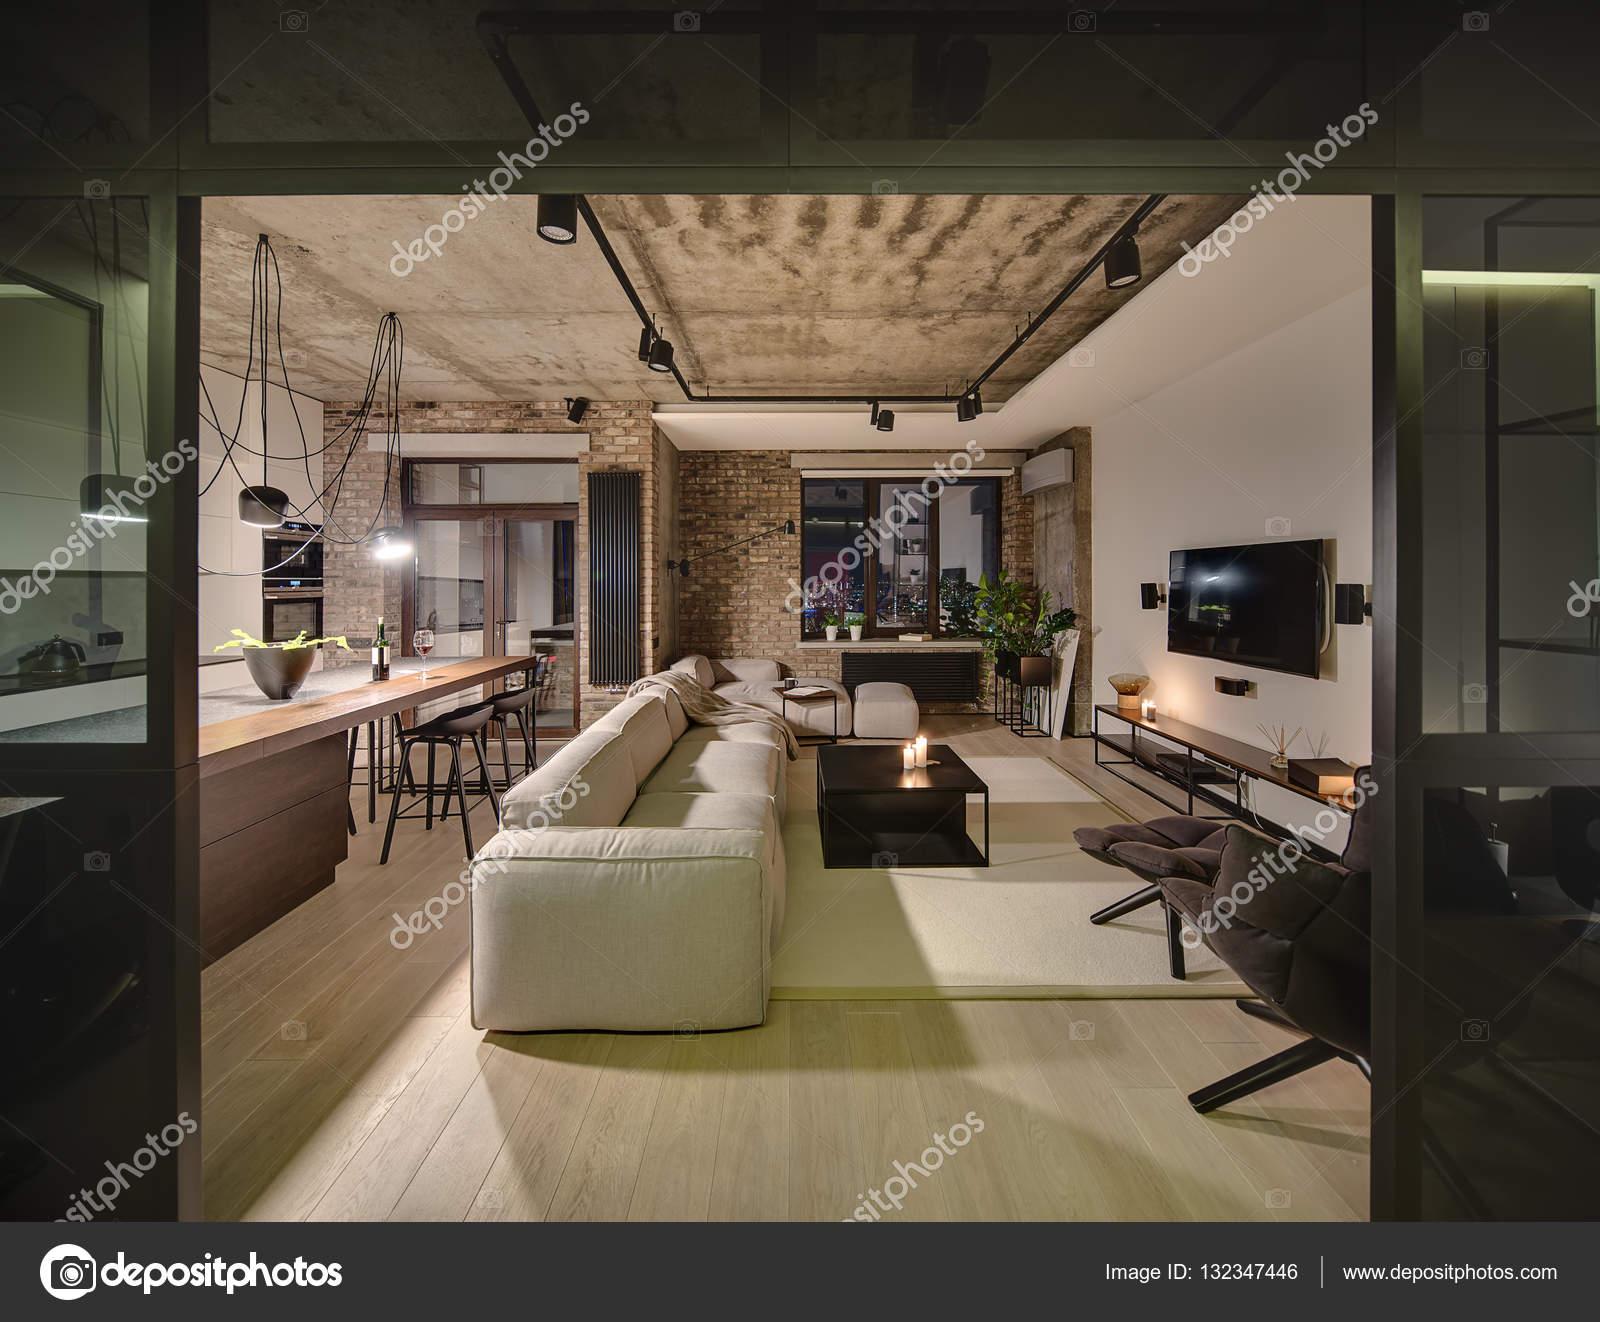 Saal im Loft-Stil — Stockfoto © bezikus #132347446